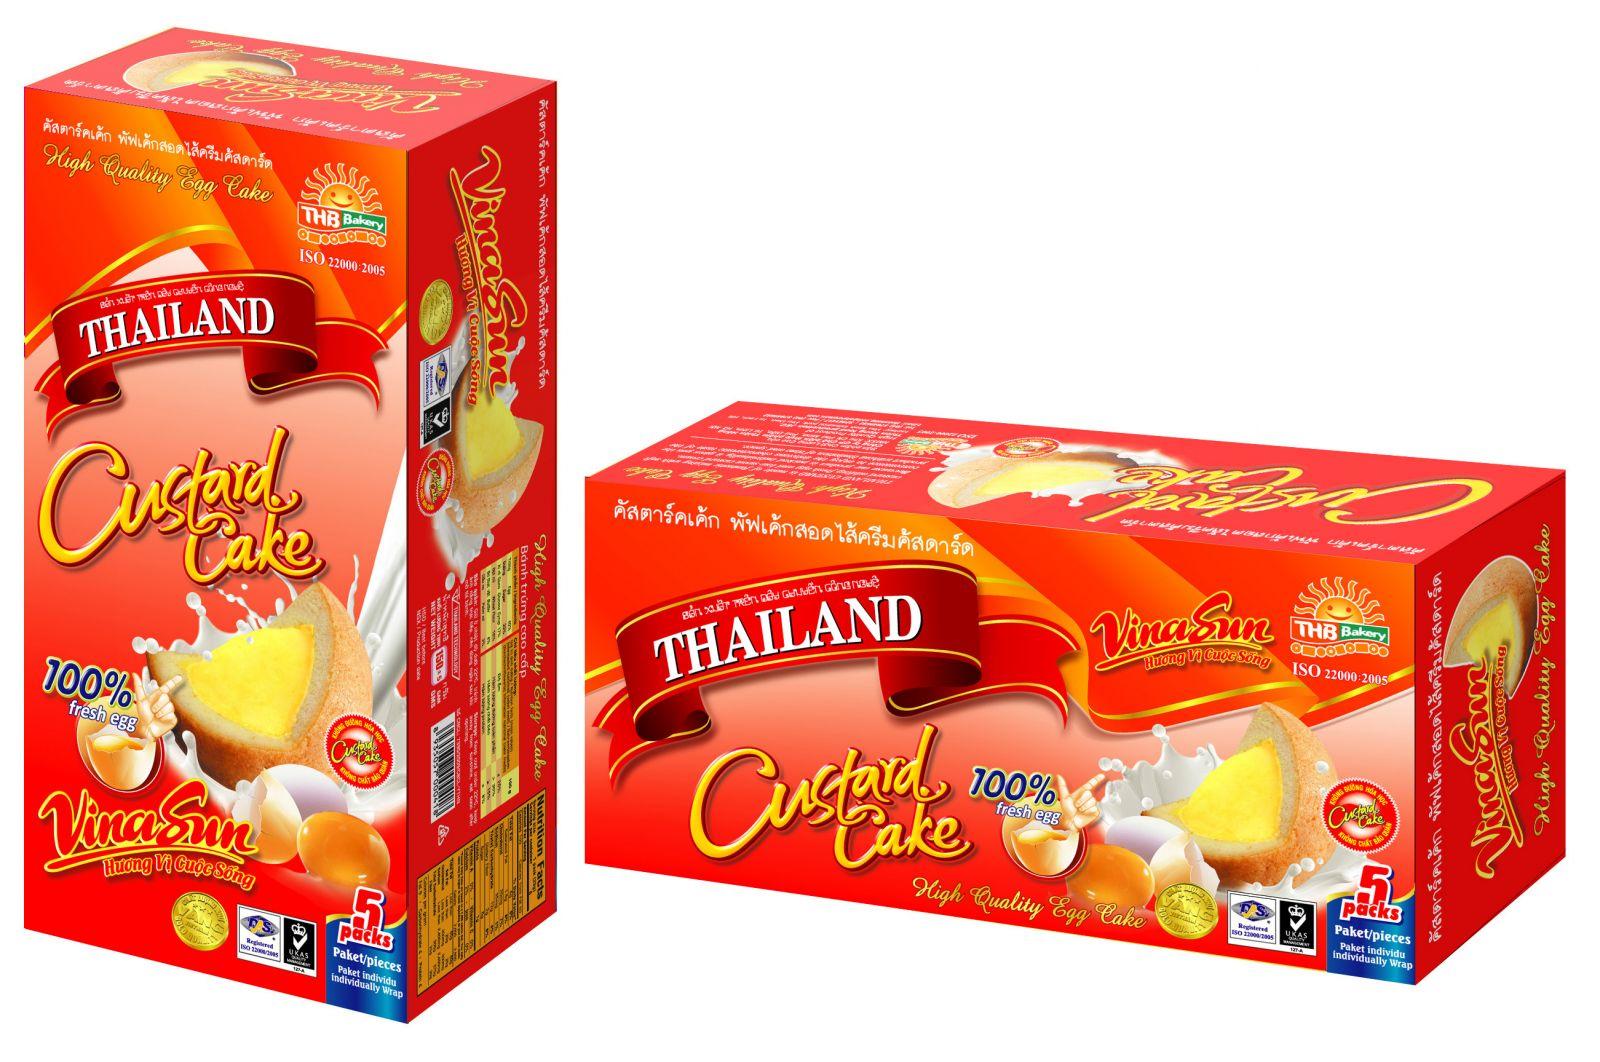 Vỏ hộp bánh kẹo đẹp giúp thúc đẩy doanh số bán hàng